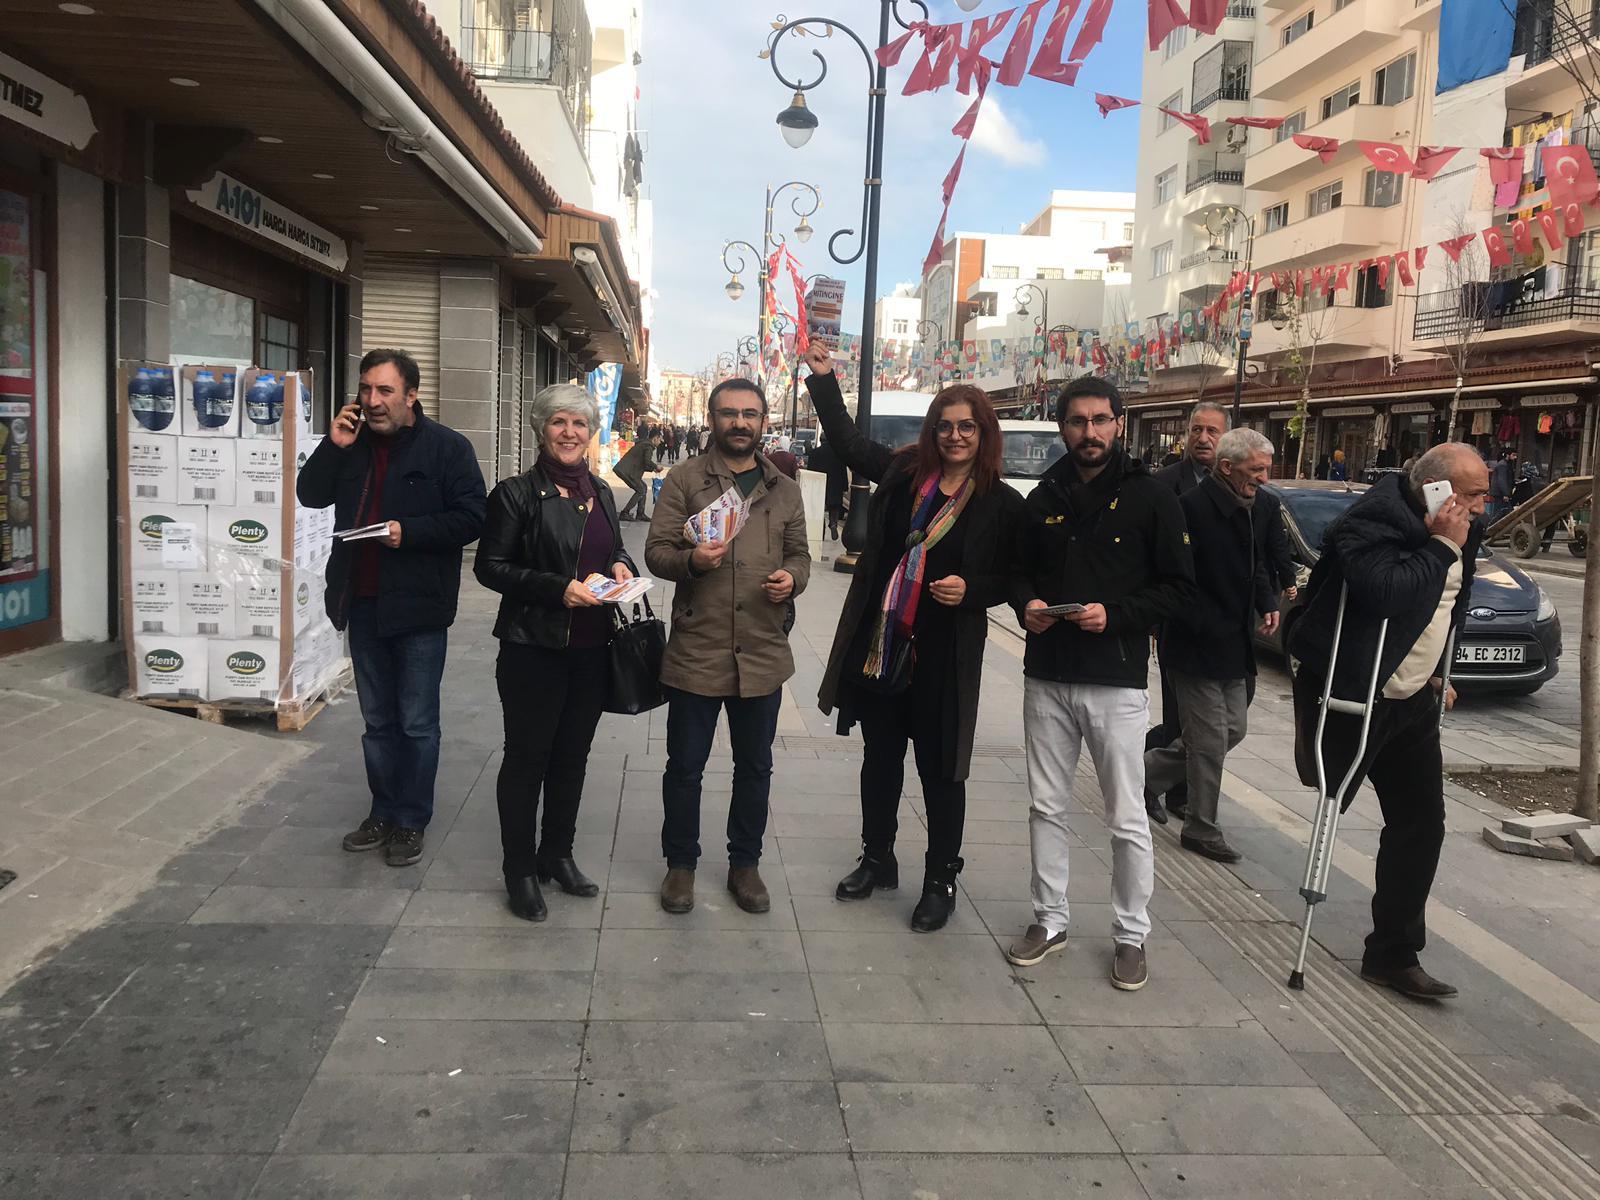 16 Aralık Diyarbakır Bölge Mitingine Çağrı İçin Bildiri Dağıtıldı